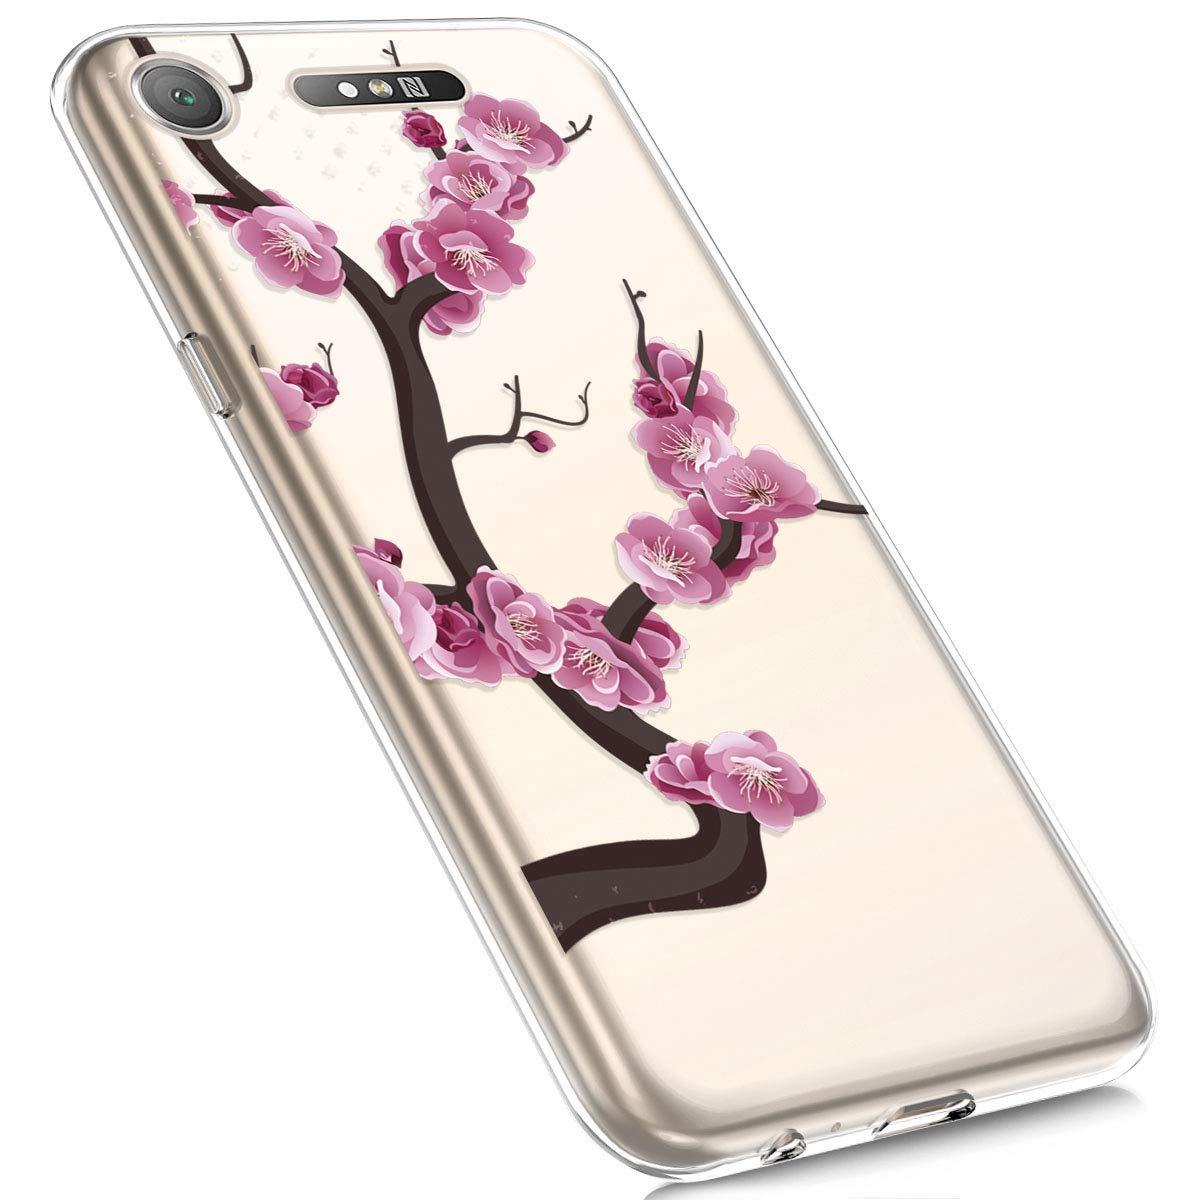 Felfy Kompatibel mit Xperia XZ1 H/ülle,Kompatibel mit Xperia XZ1 Handyh/ülle Transparent Silikon Schutzh/ülle Elegant Muster Ultrad/ünn Weich Gel Kristall Klar Silikonh/ülle Sto/ßfest Schlank Cover Case